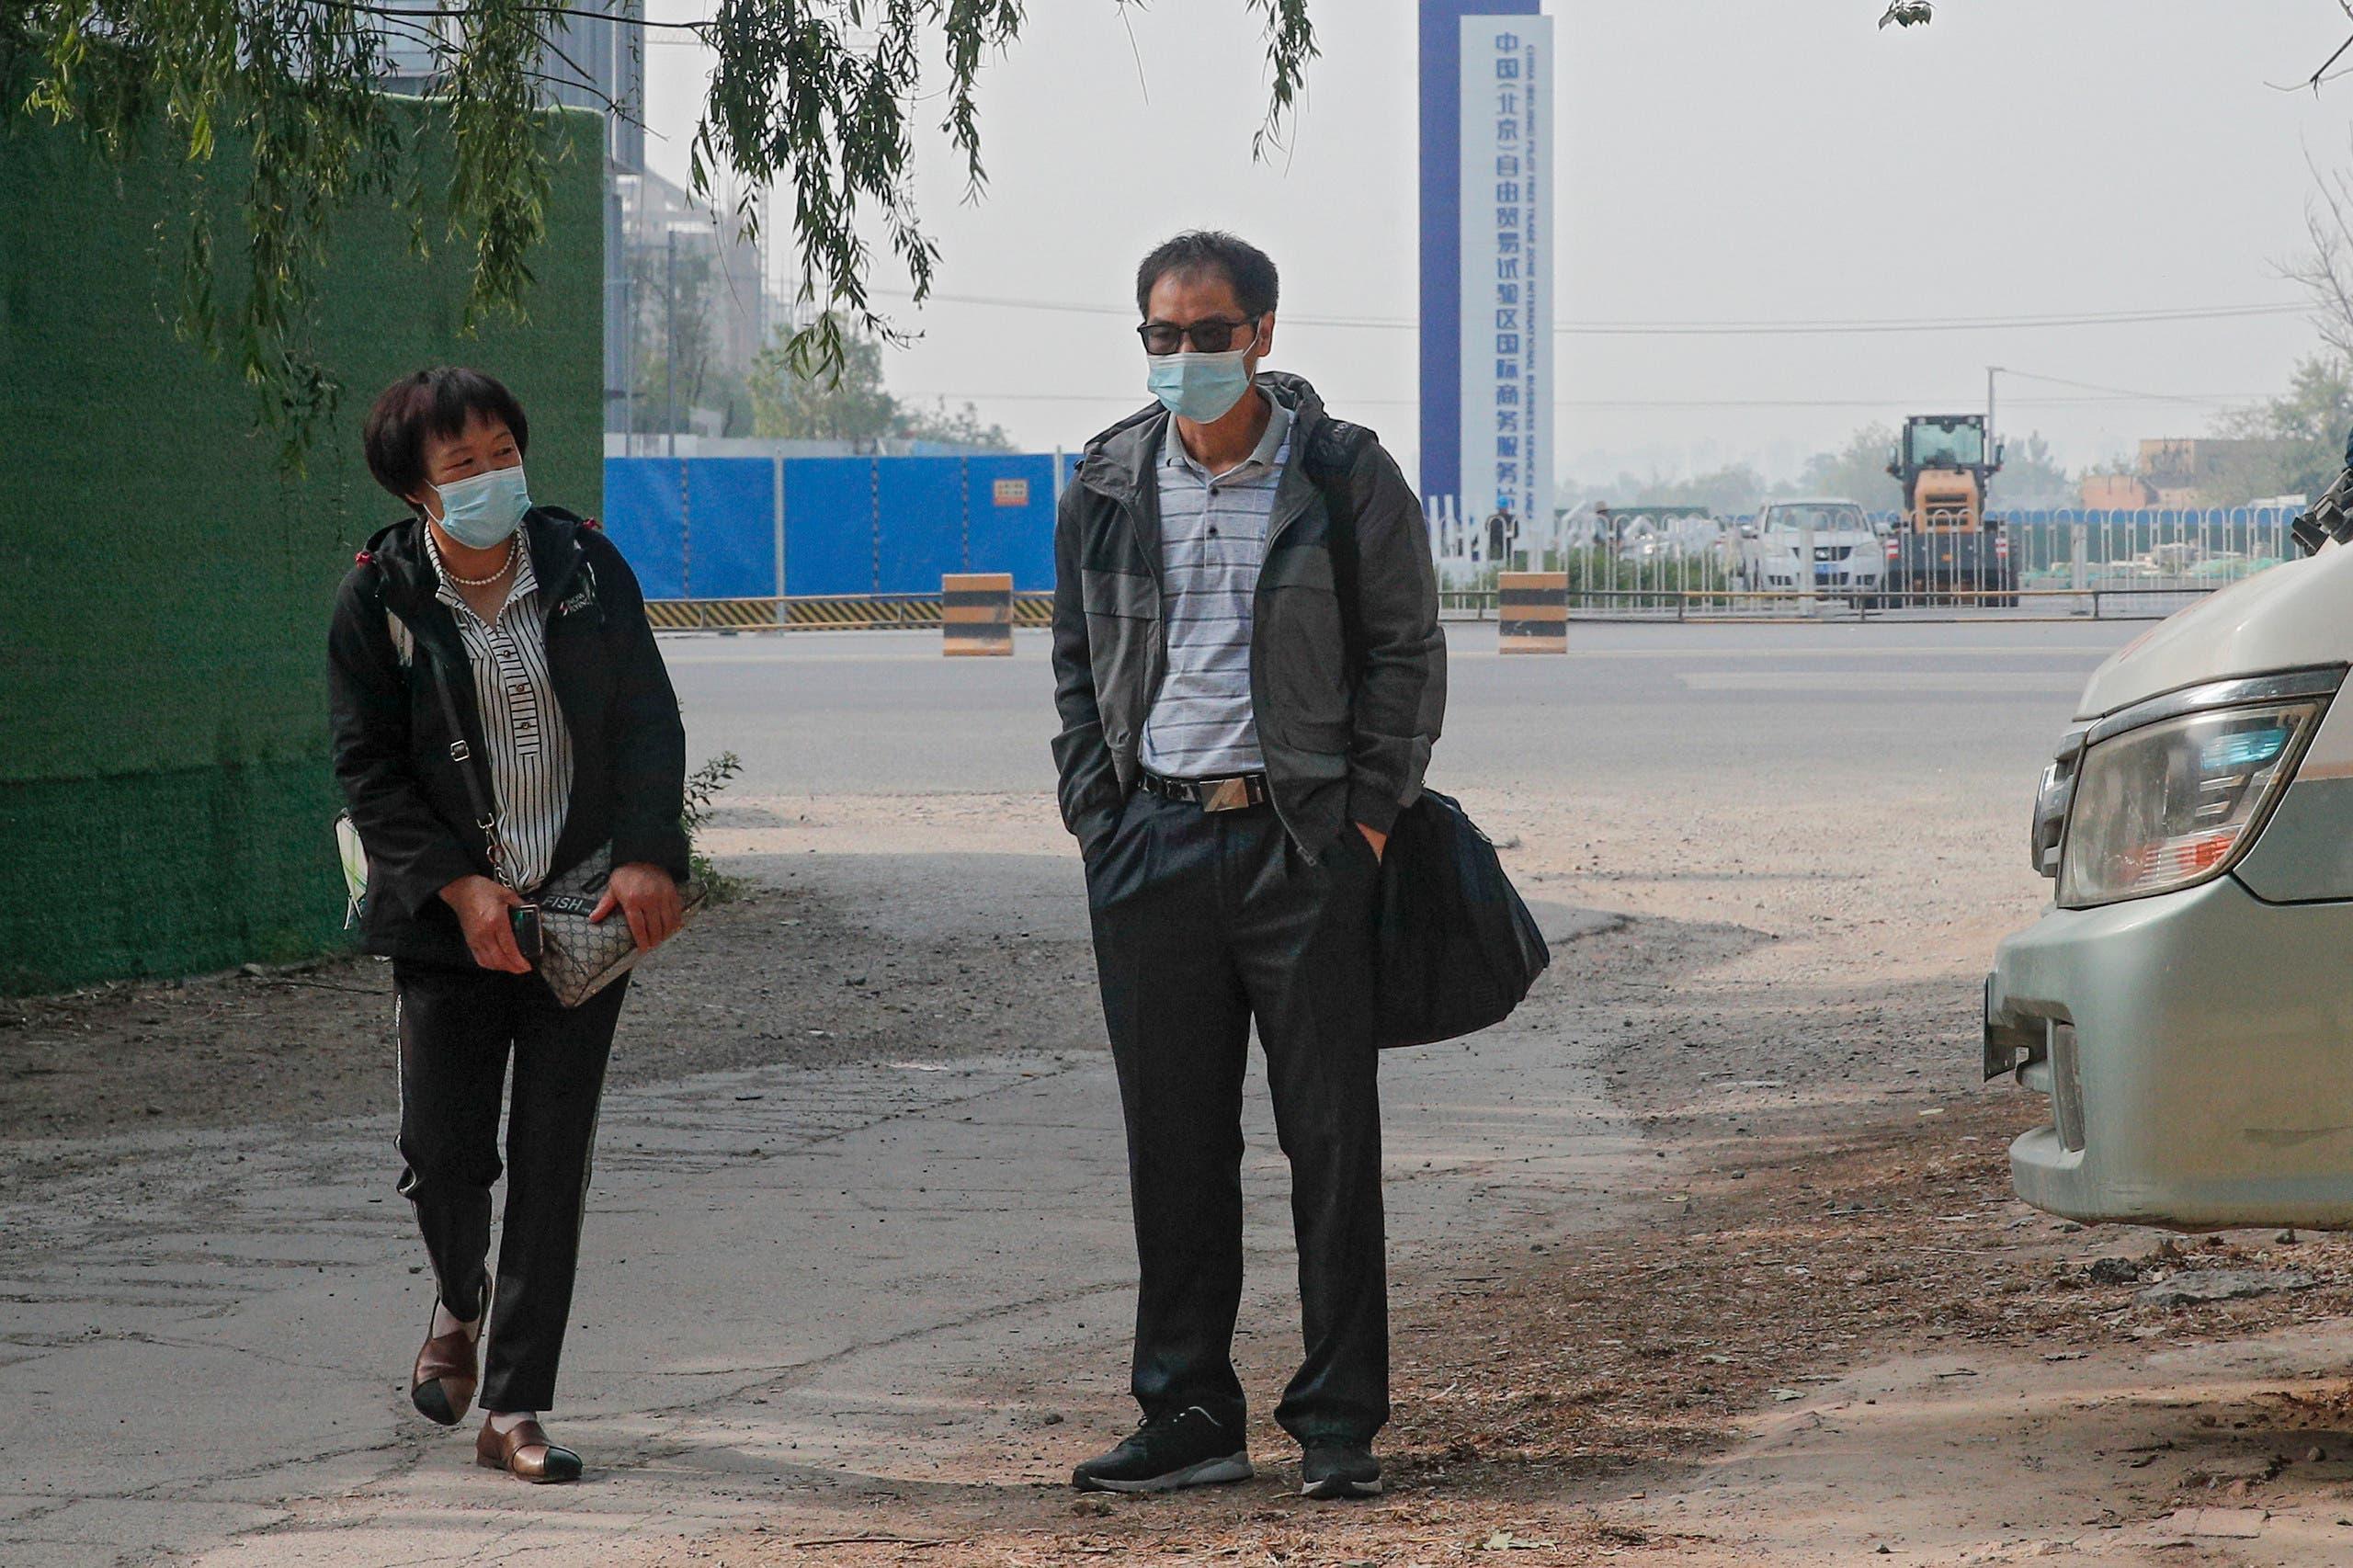 والدة تشي مين ووالد كاي وي أمام المحكمة في مايو الماضي قبل إحدى جلسات المحاكمة